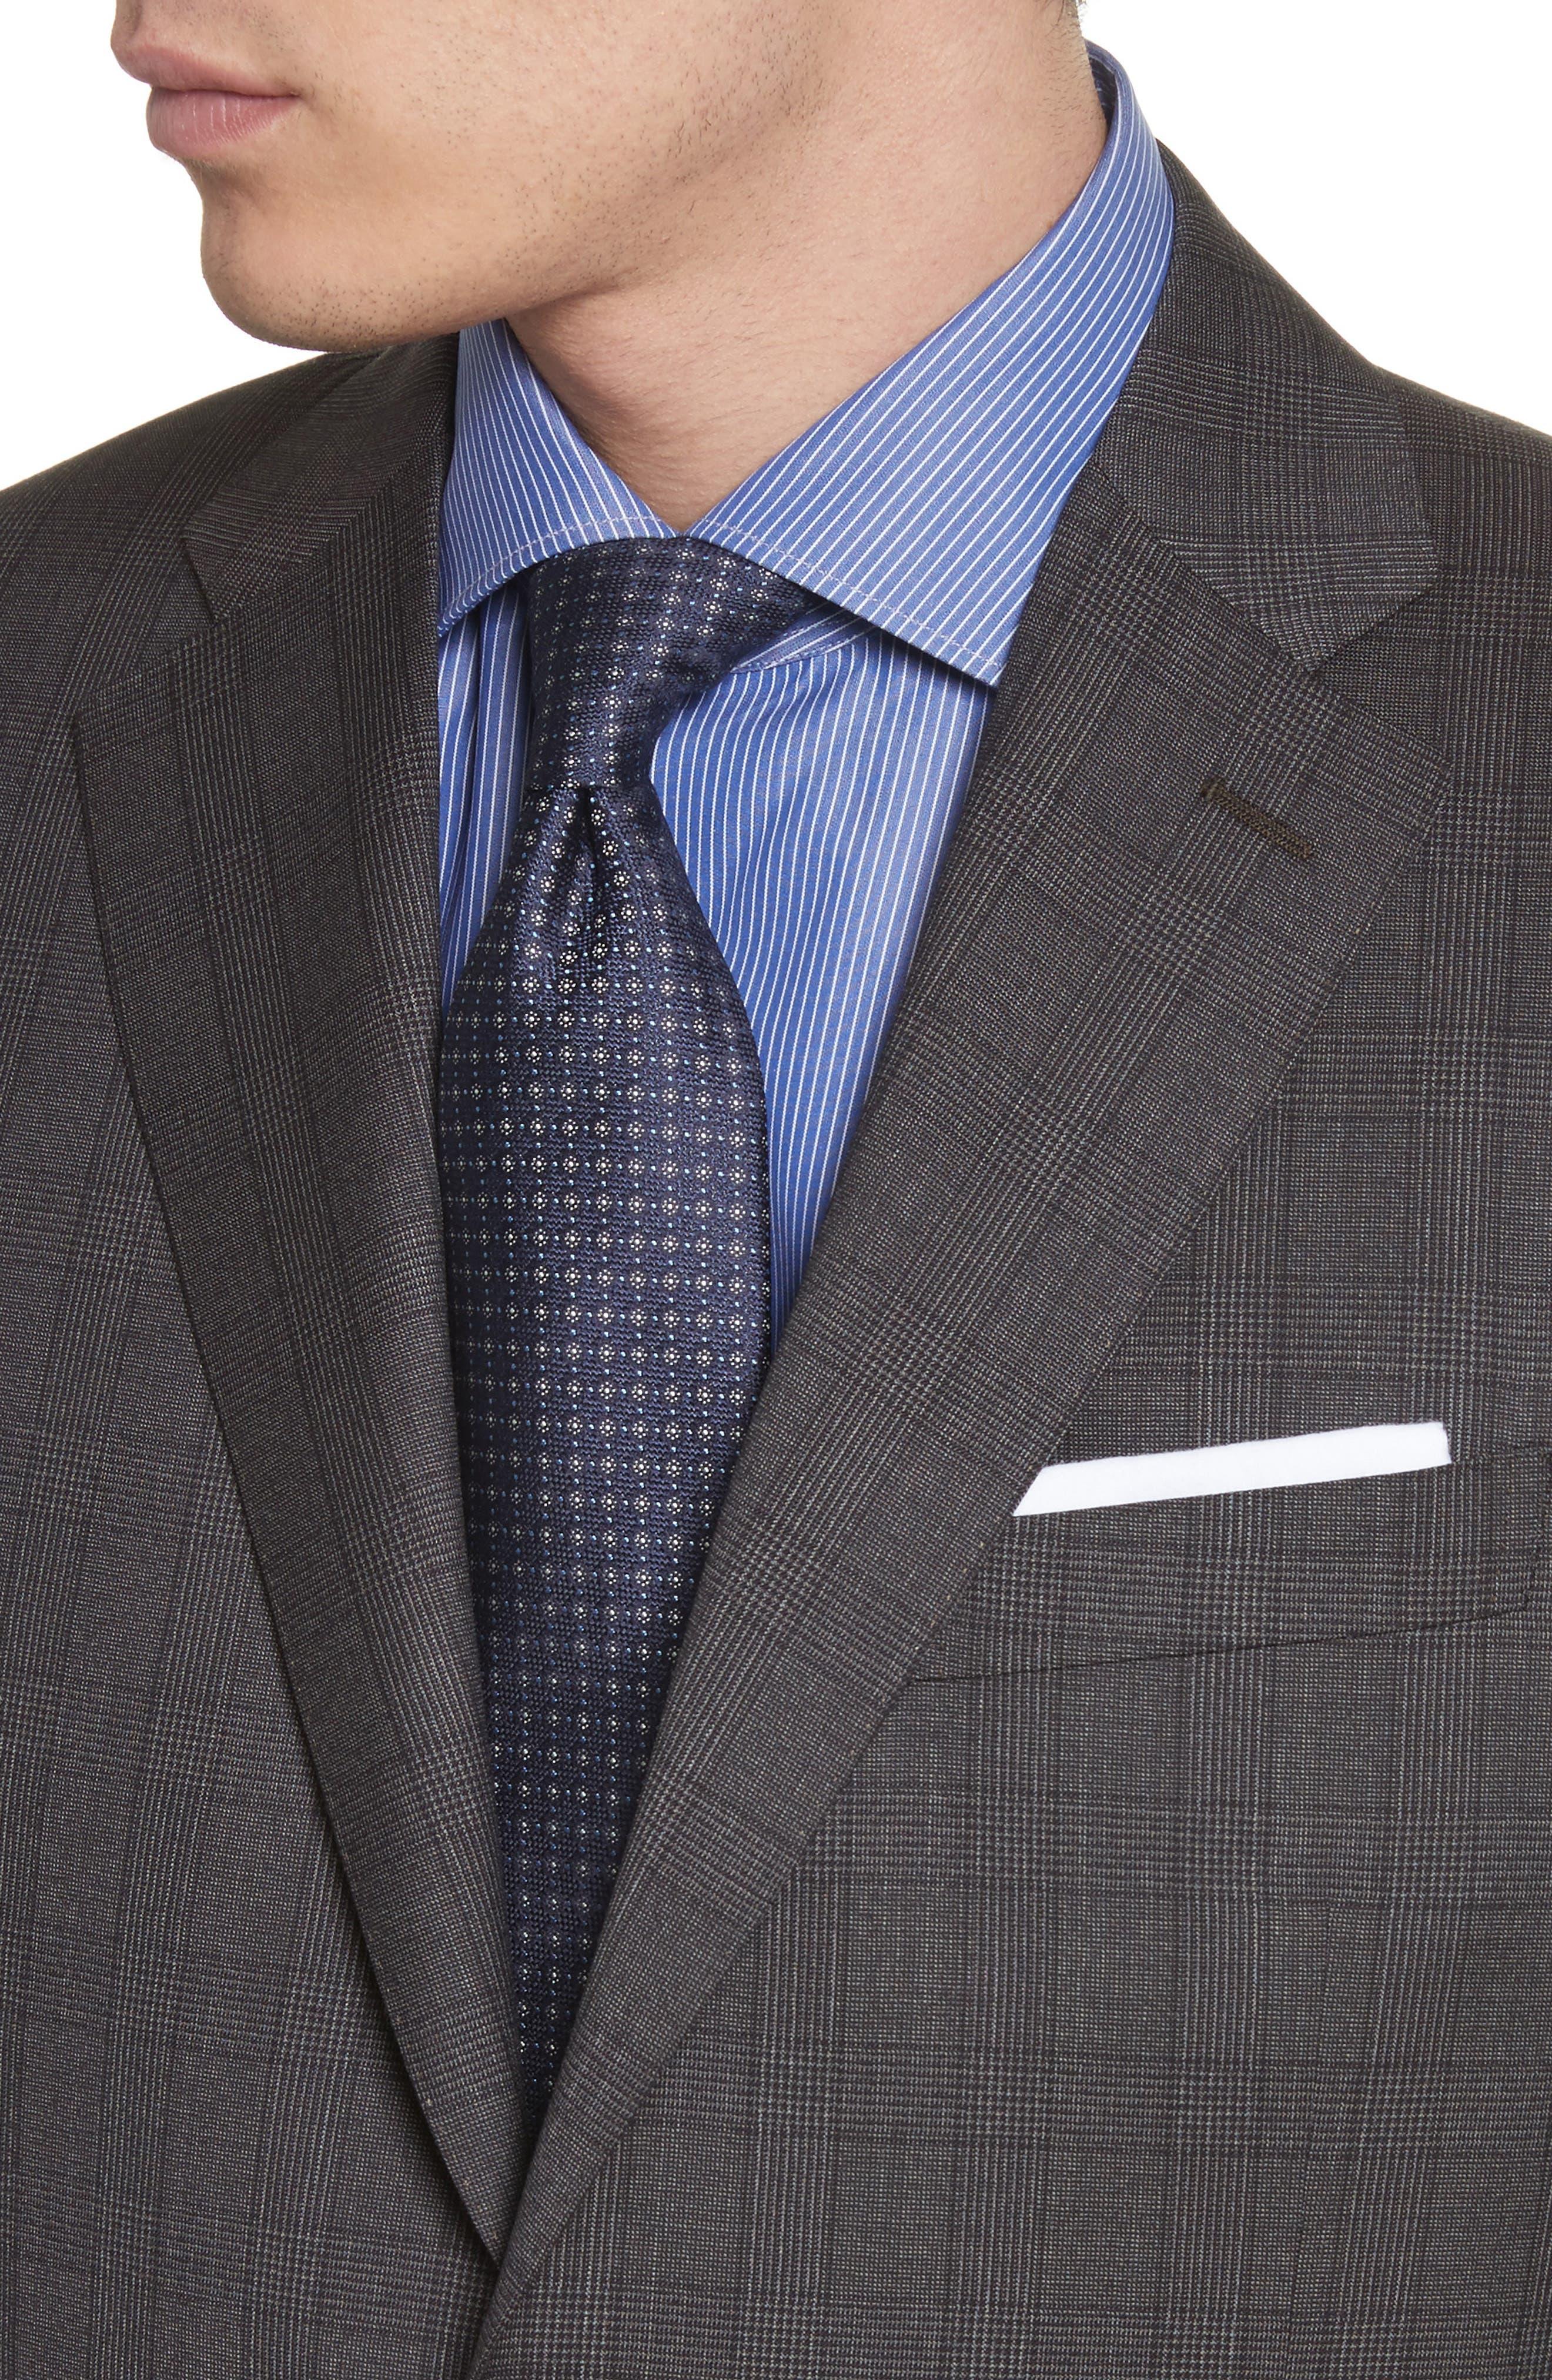 Classic Fit Plaid Wool Suit,                             Alternate thumbnail 4, color,                             201